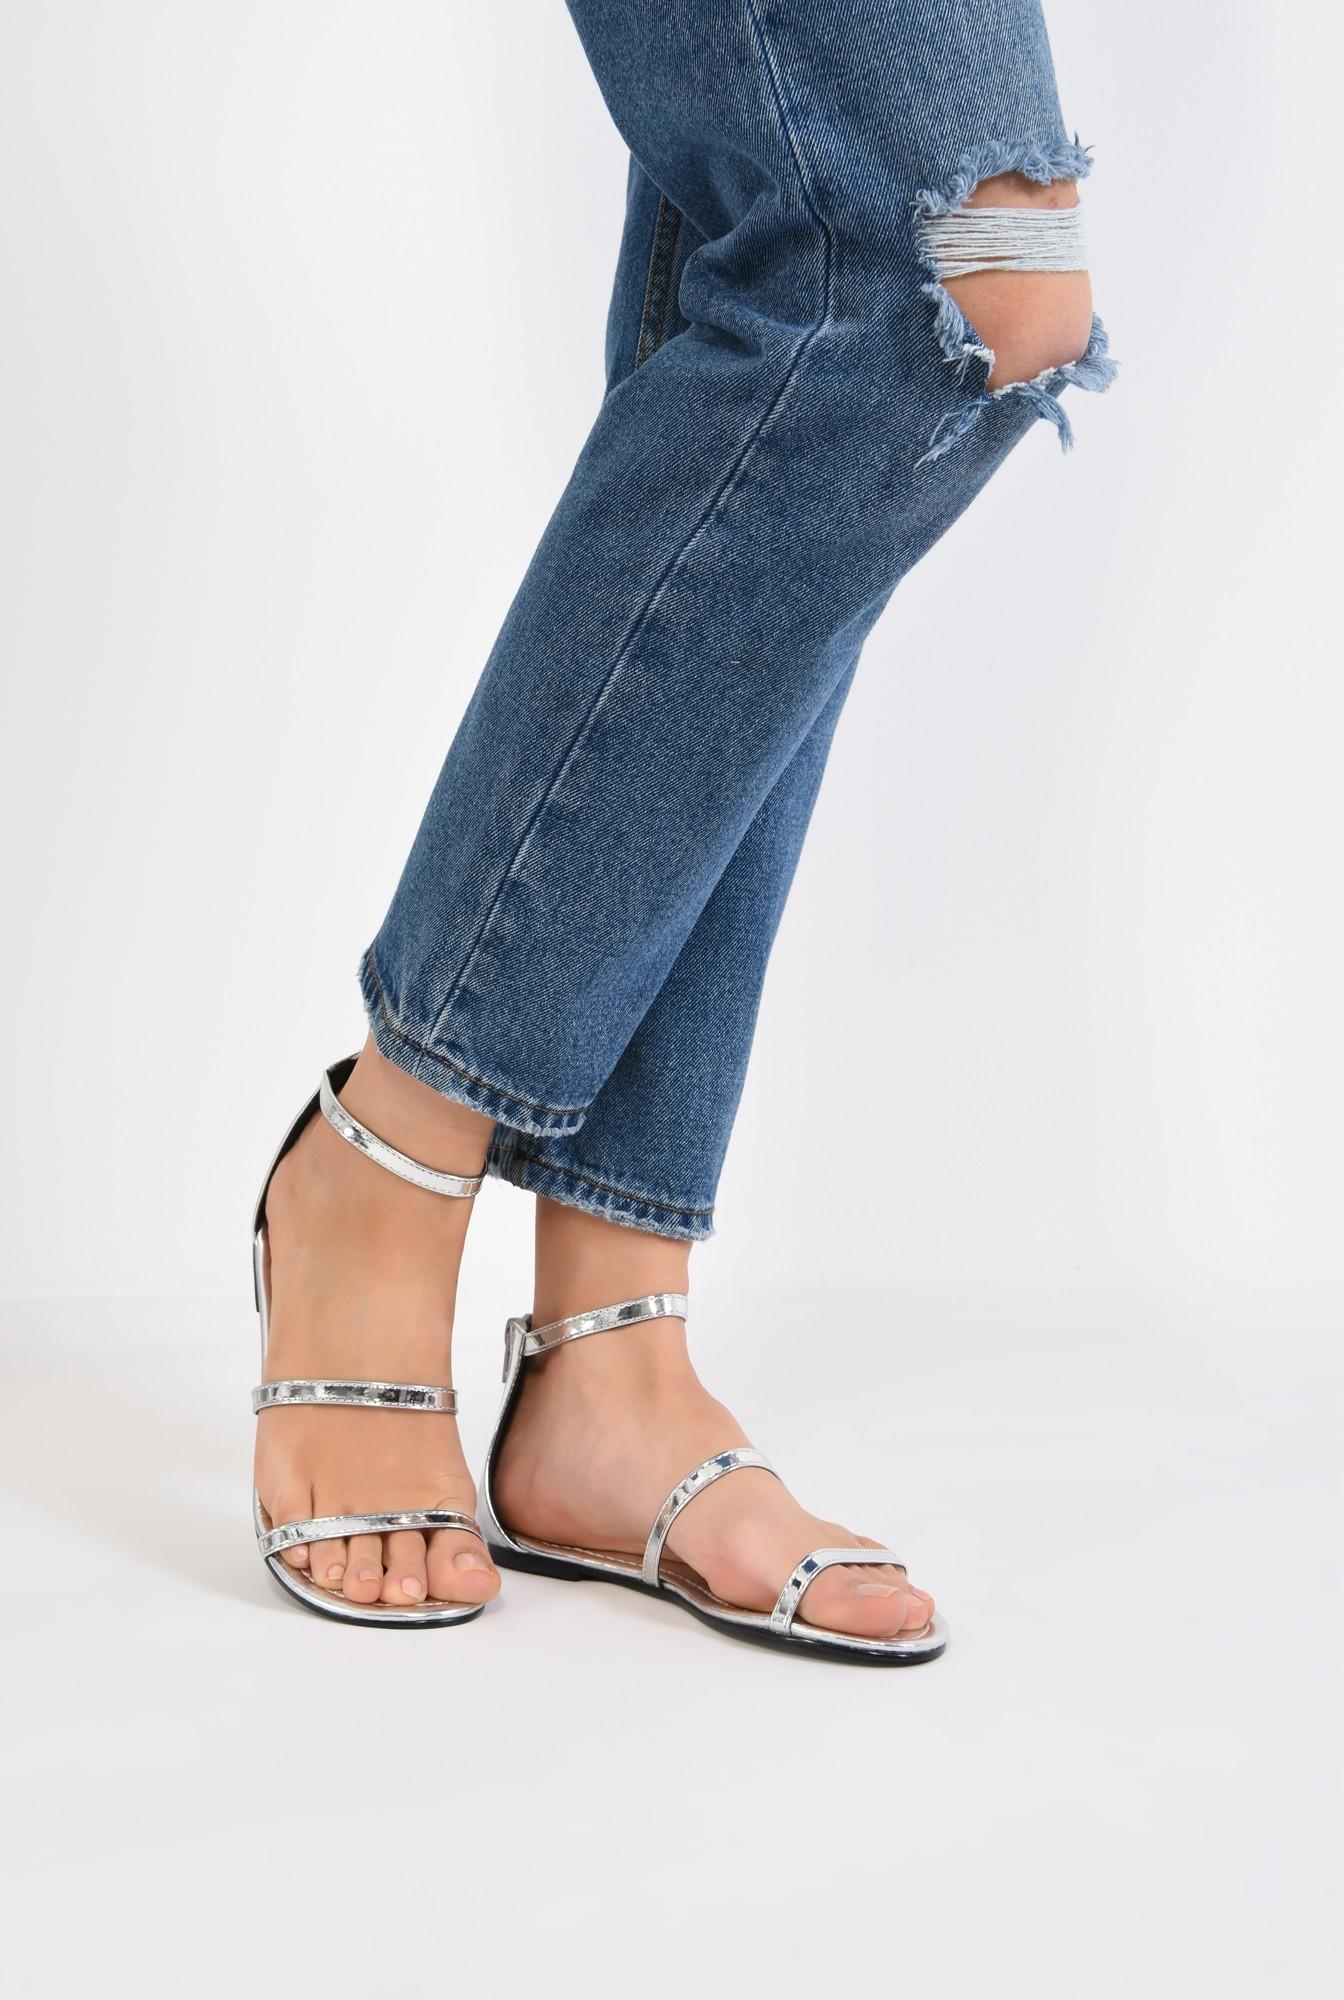 4 - sandale comode, fara toc, argintii, cu barete subtiri